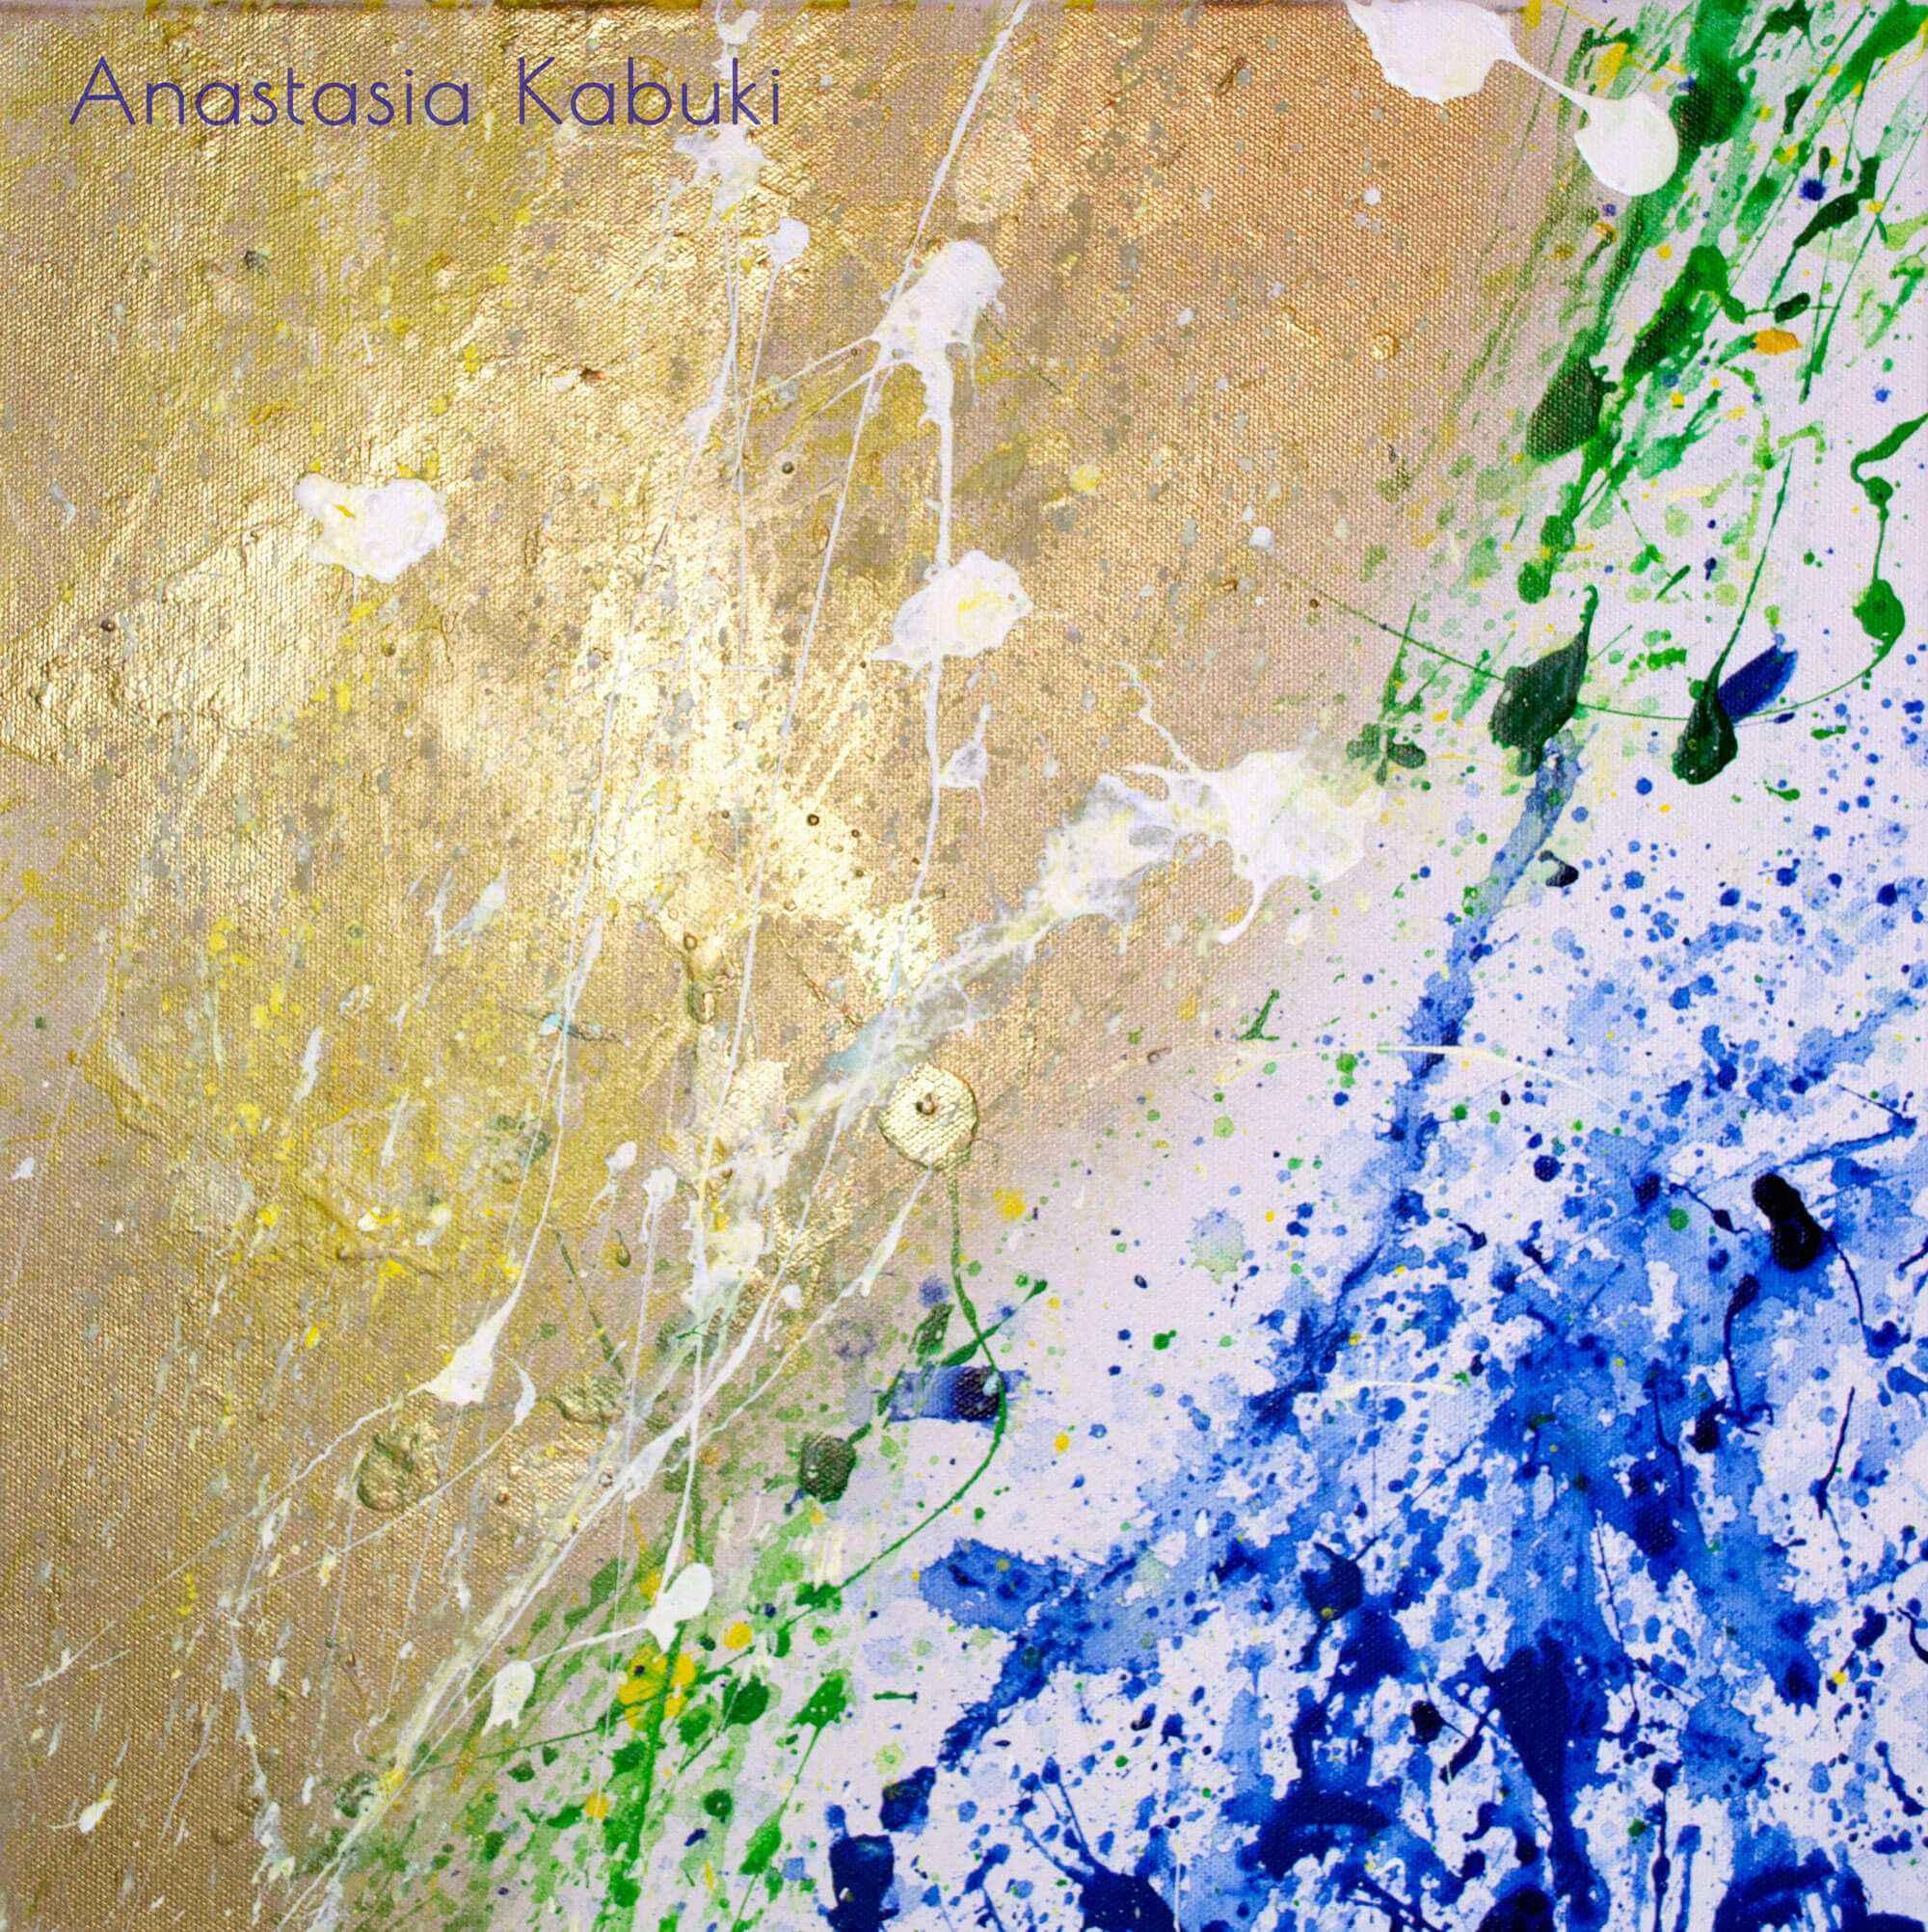 что такое абстракционизм? Анастасия Кабуки